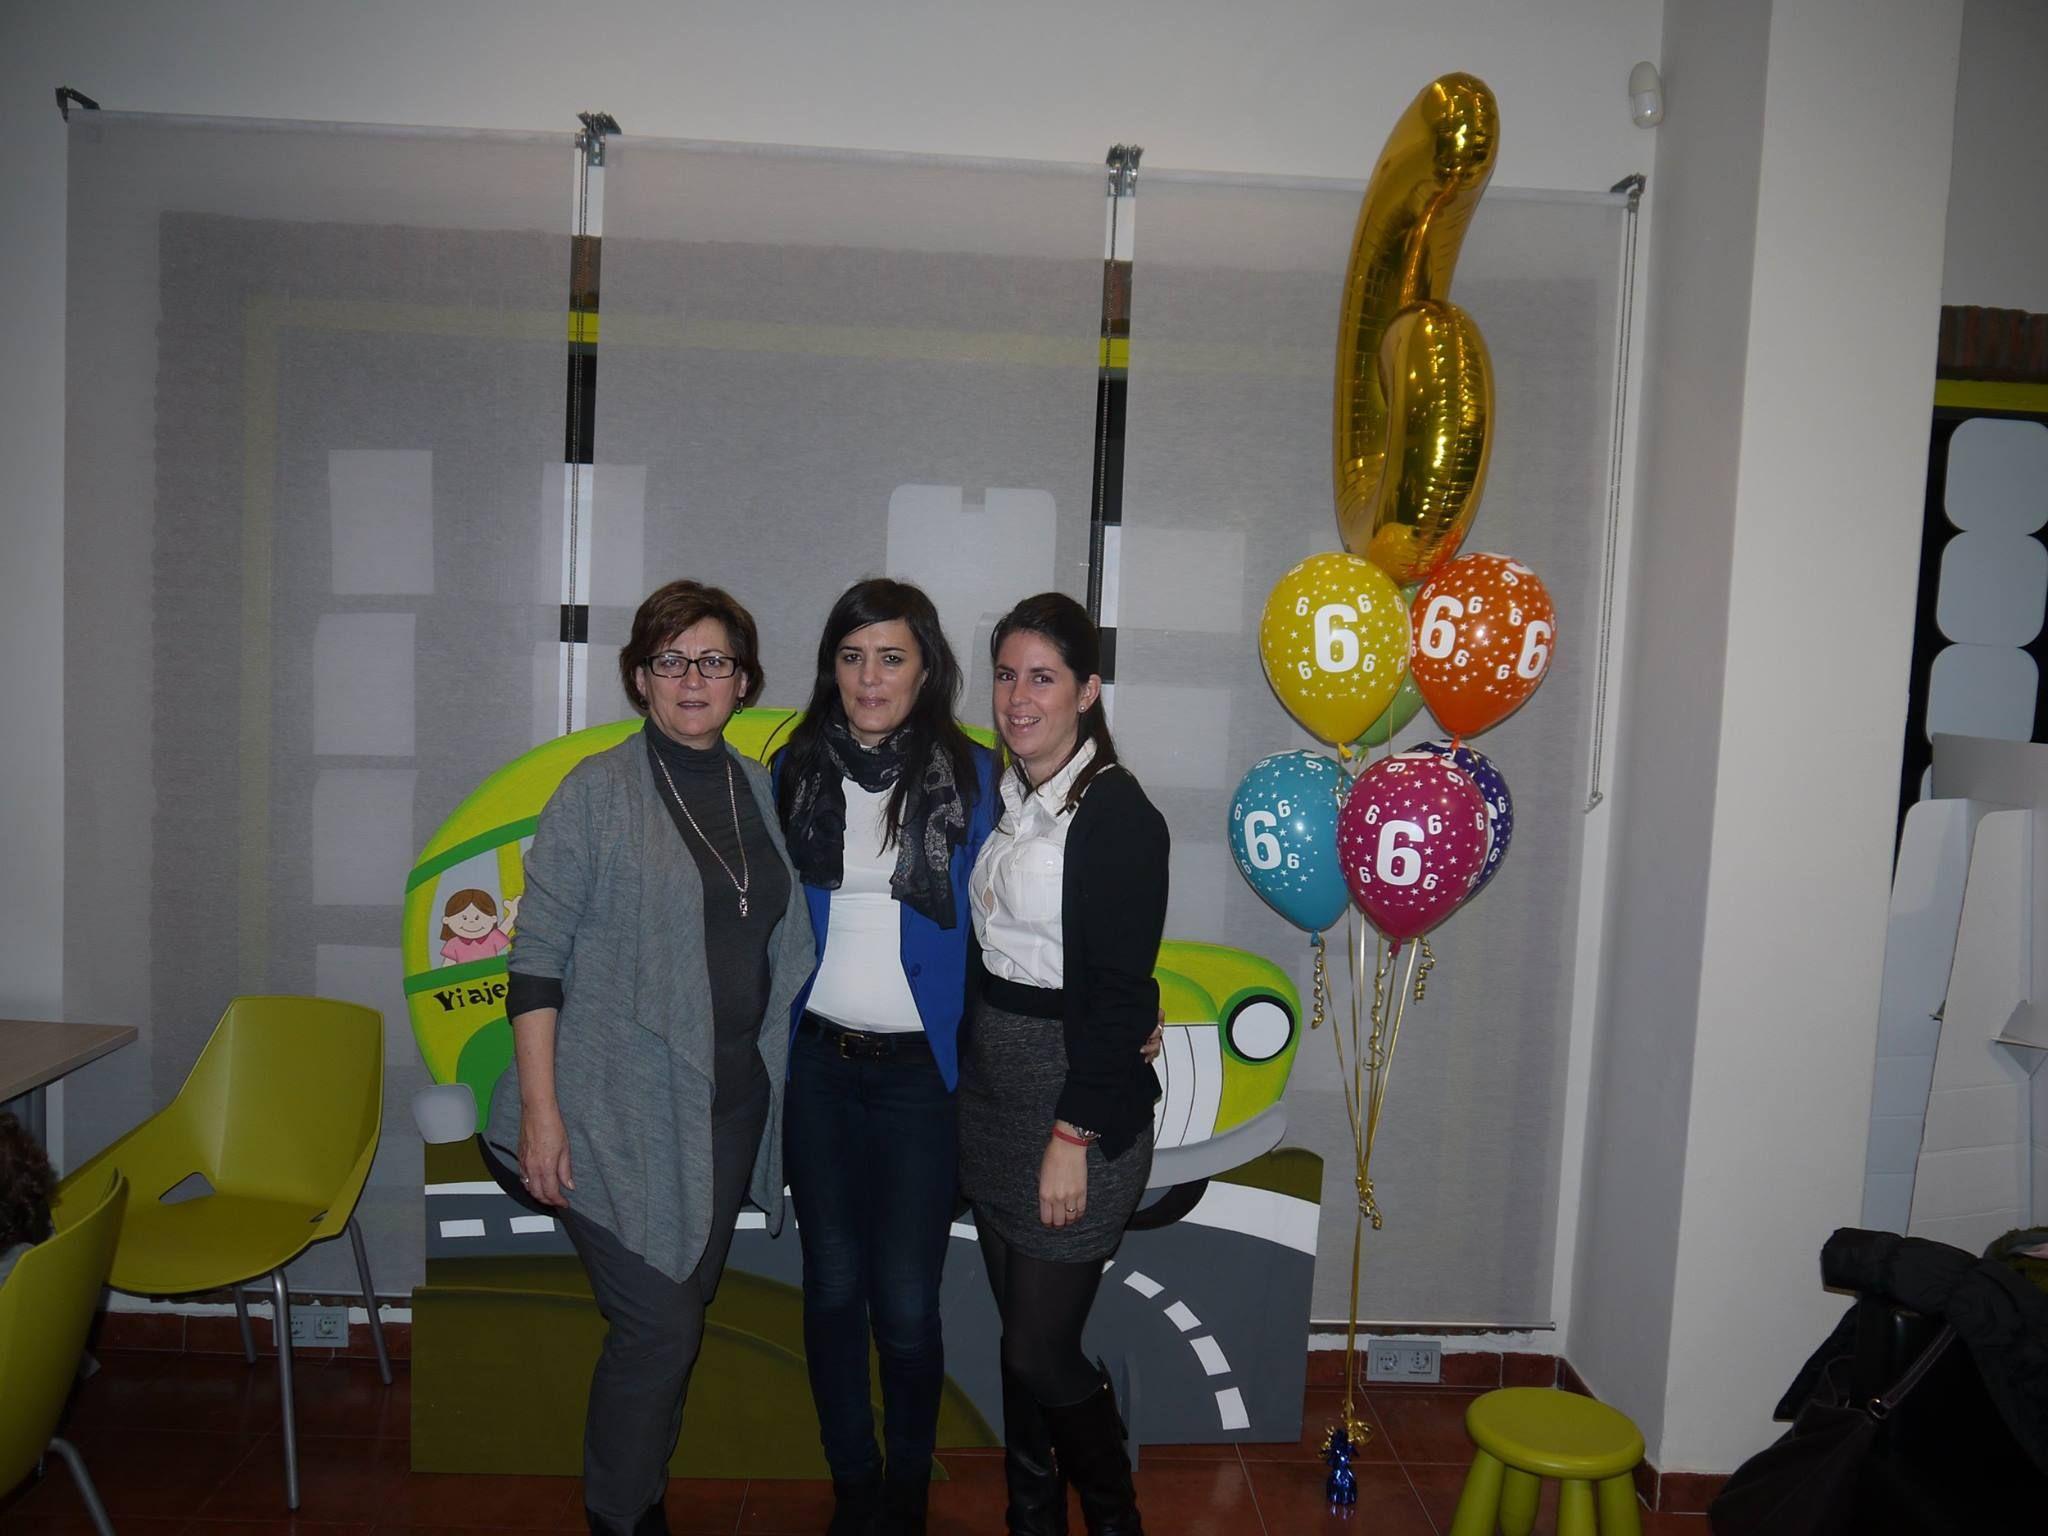 6º Aniversario Viajes Marleva - Marbella 12/02/14